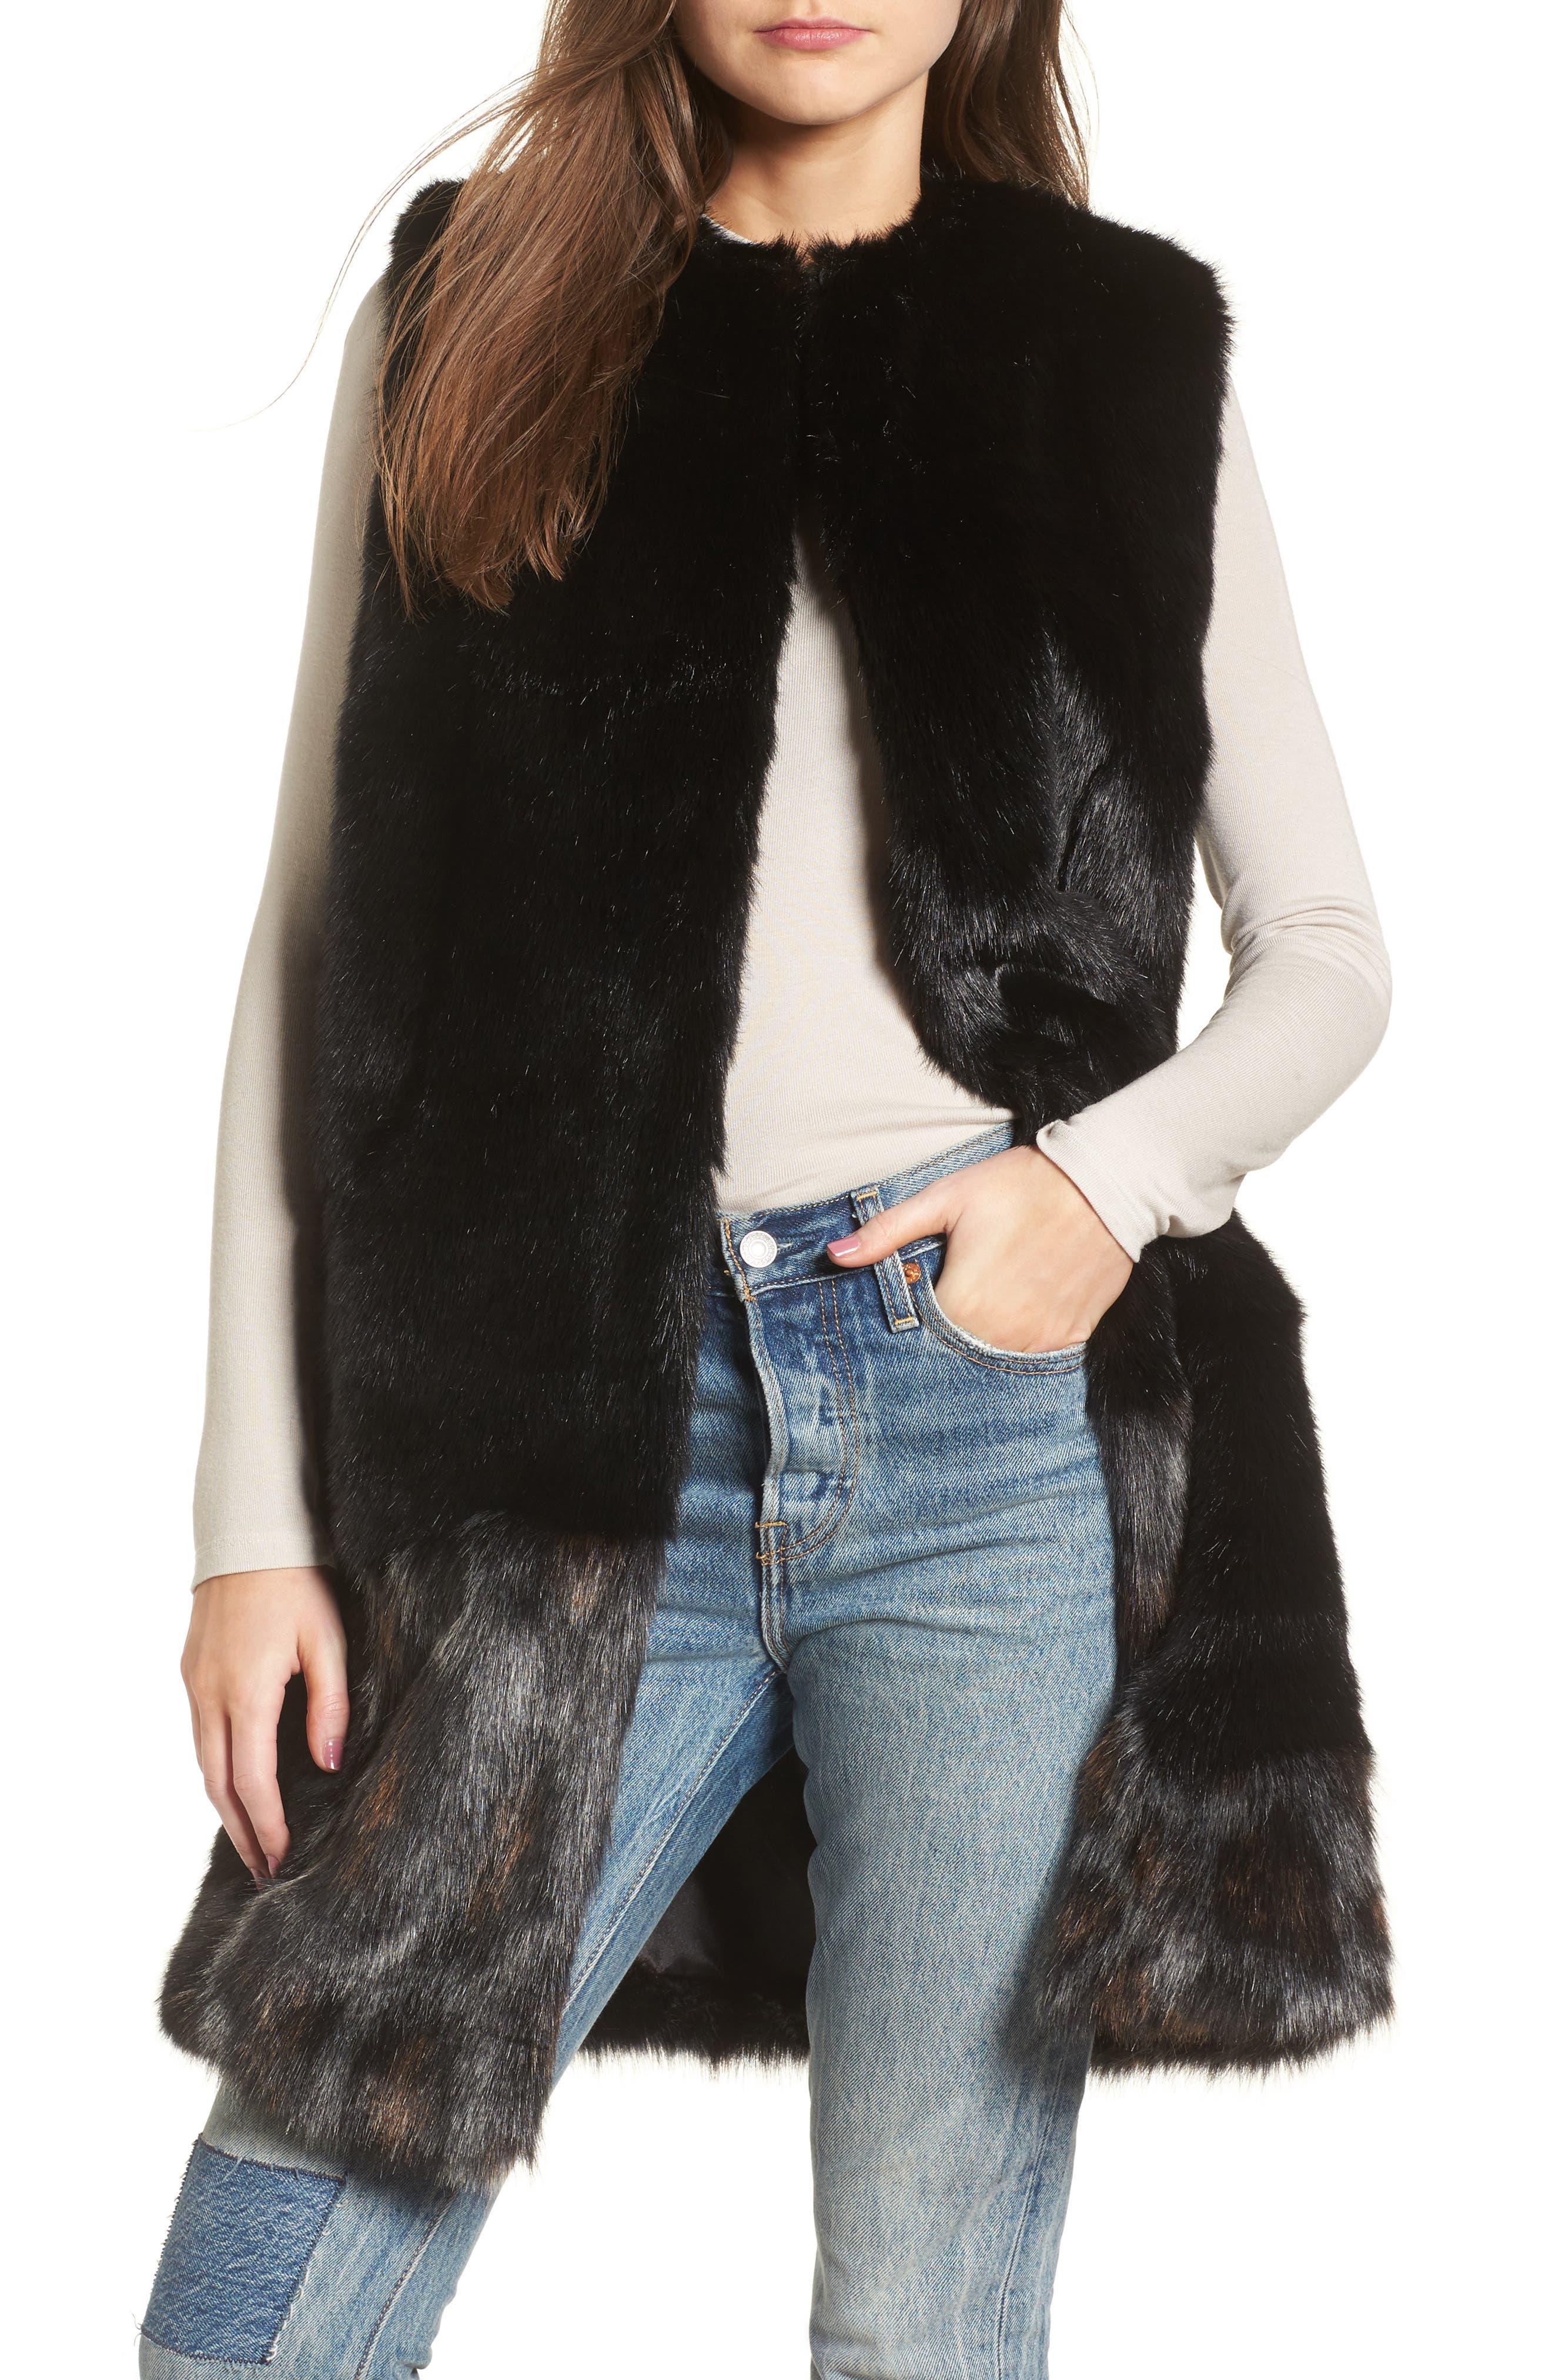 Heurueh Julie Patchwork Faux Fur Vest